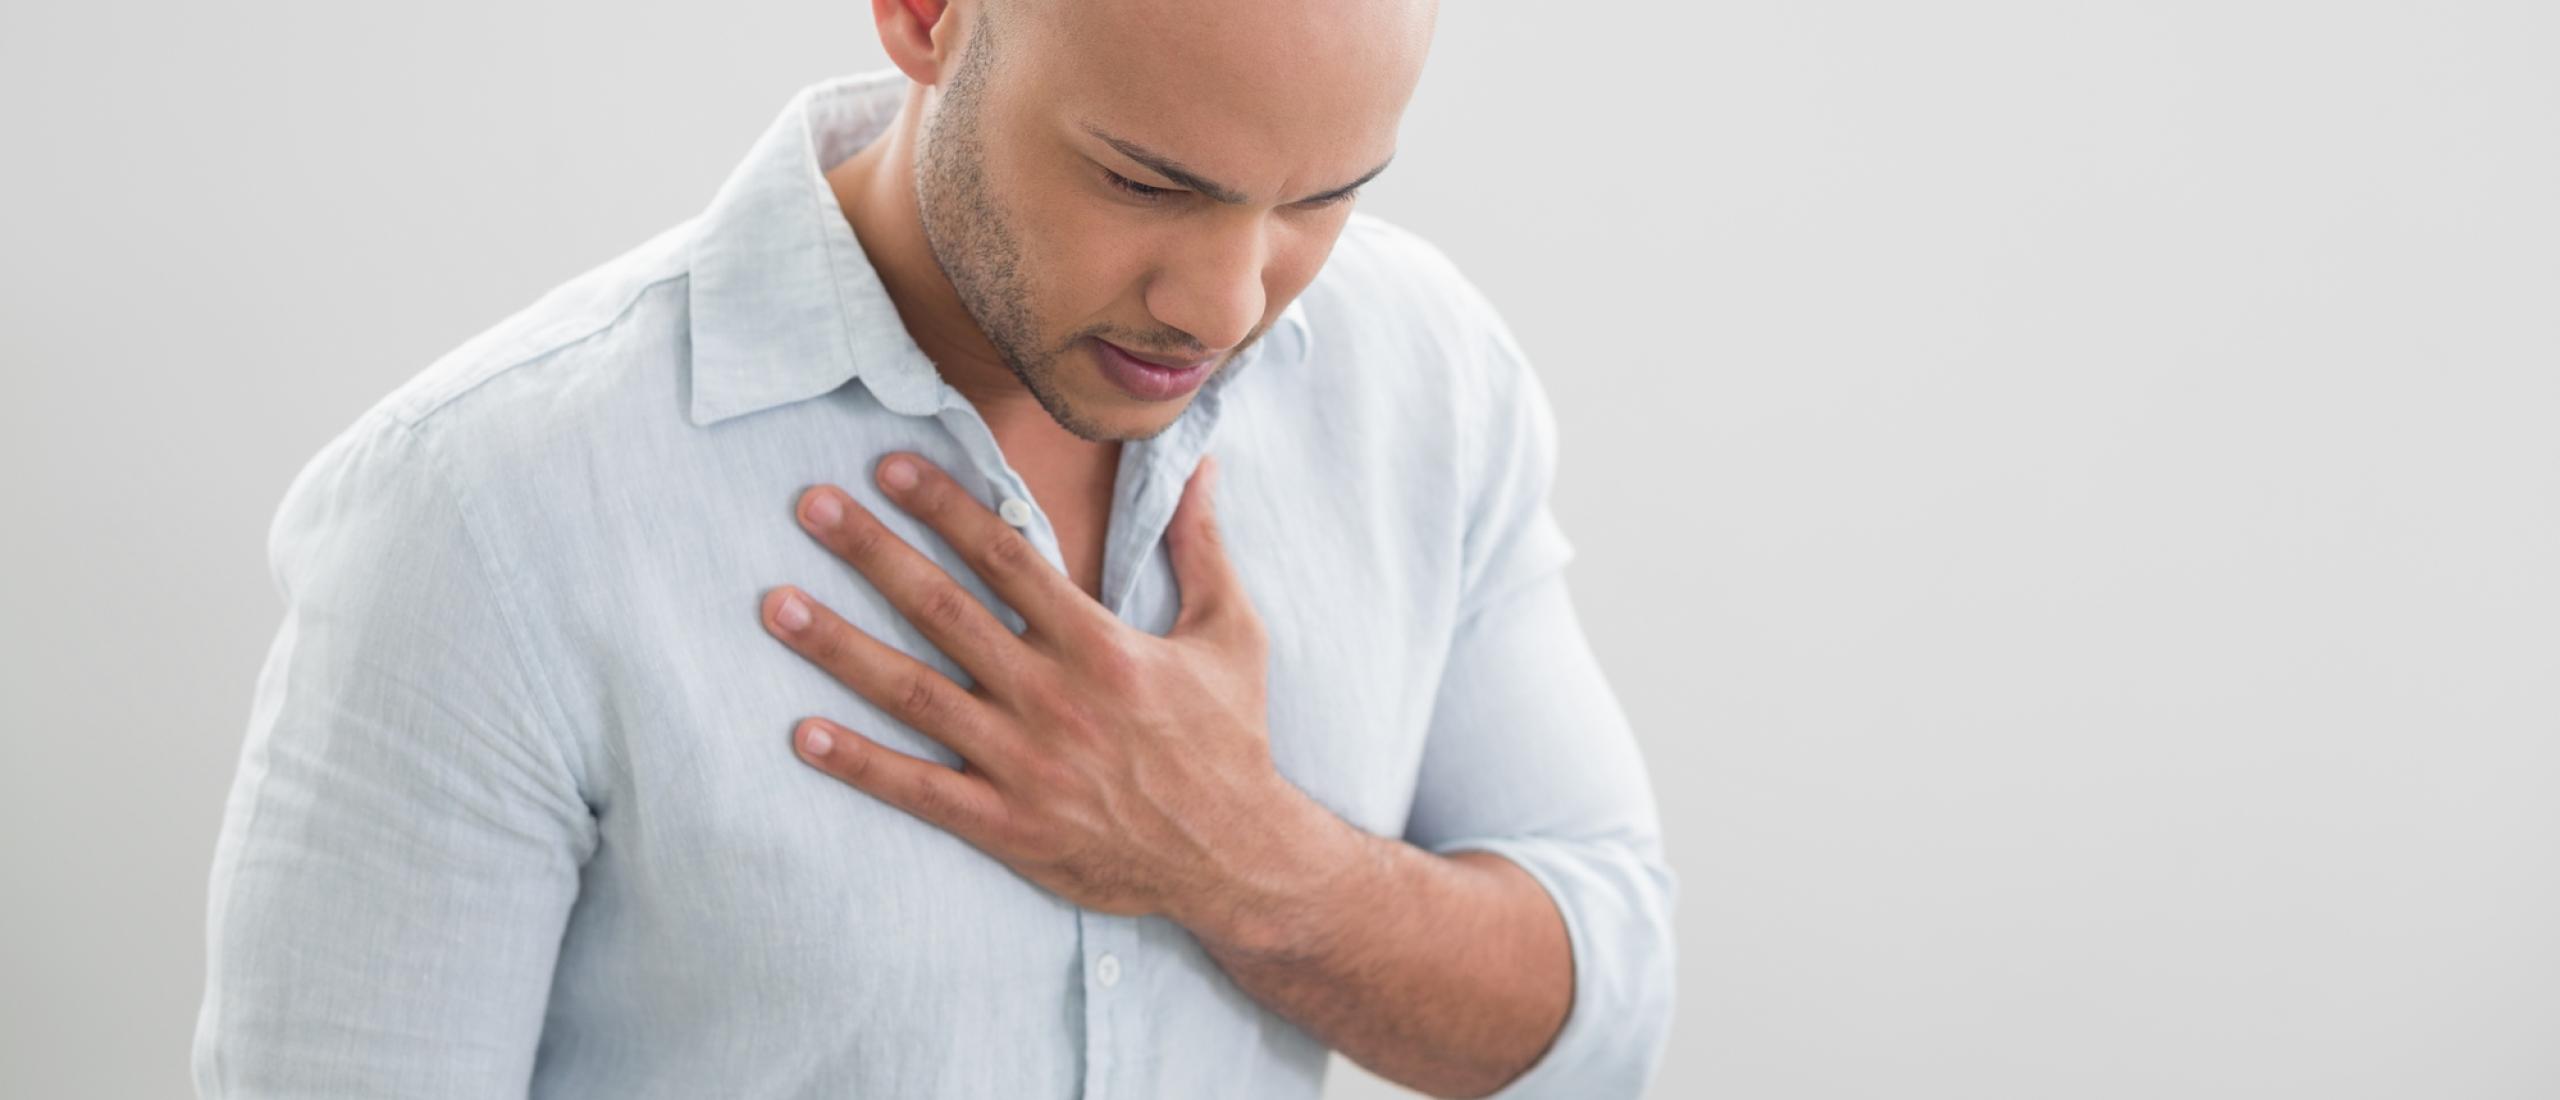 Pijn het middenrif door stress oplossen en verminderen